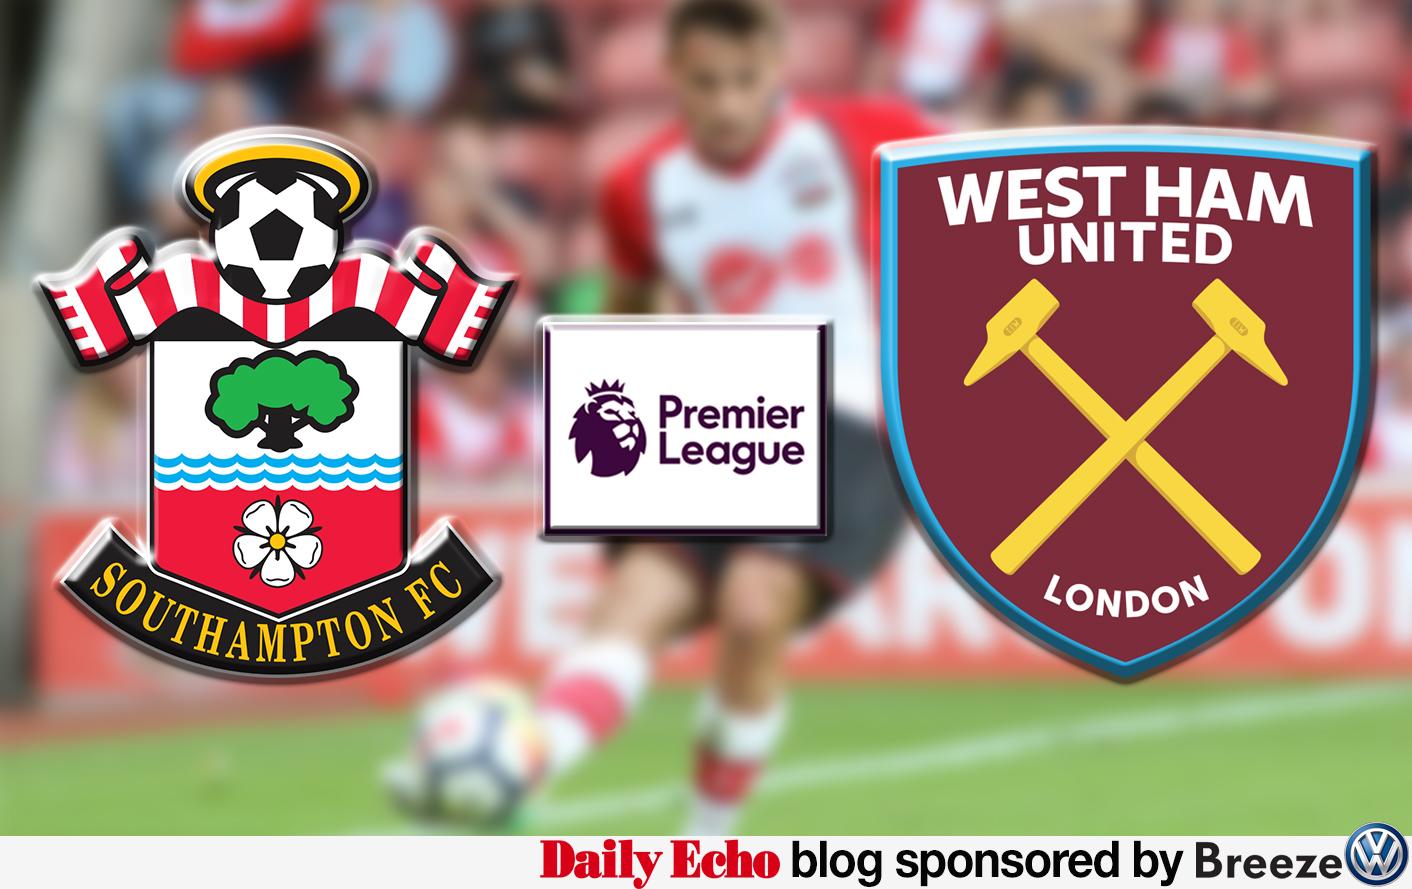 Southampton v West Ham - Premier League